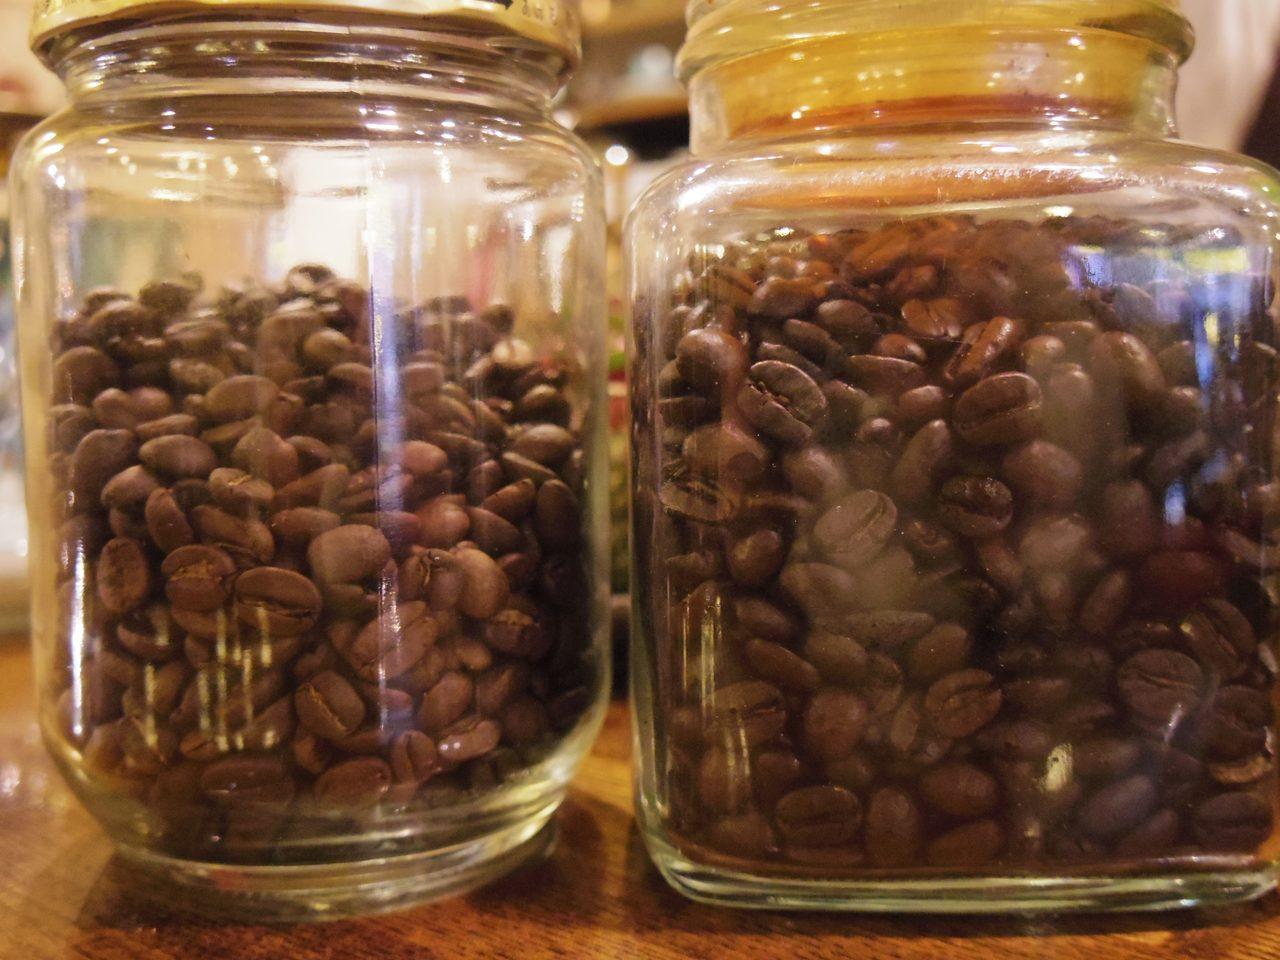 画像: 左:浅煎り  右:深煎り 微妙に色合いが違います。 www.coffee-story.co.jp